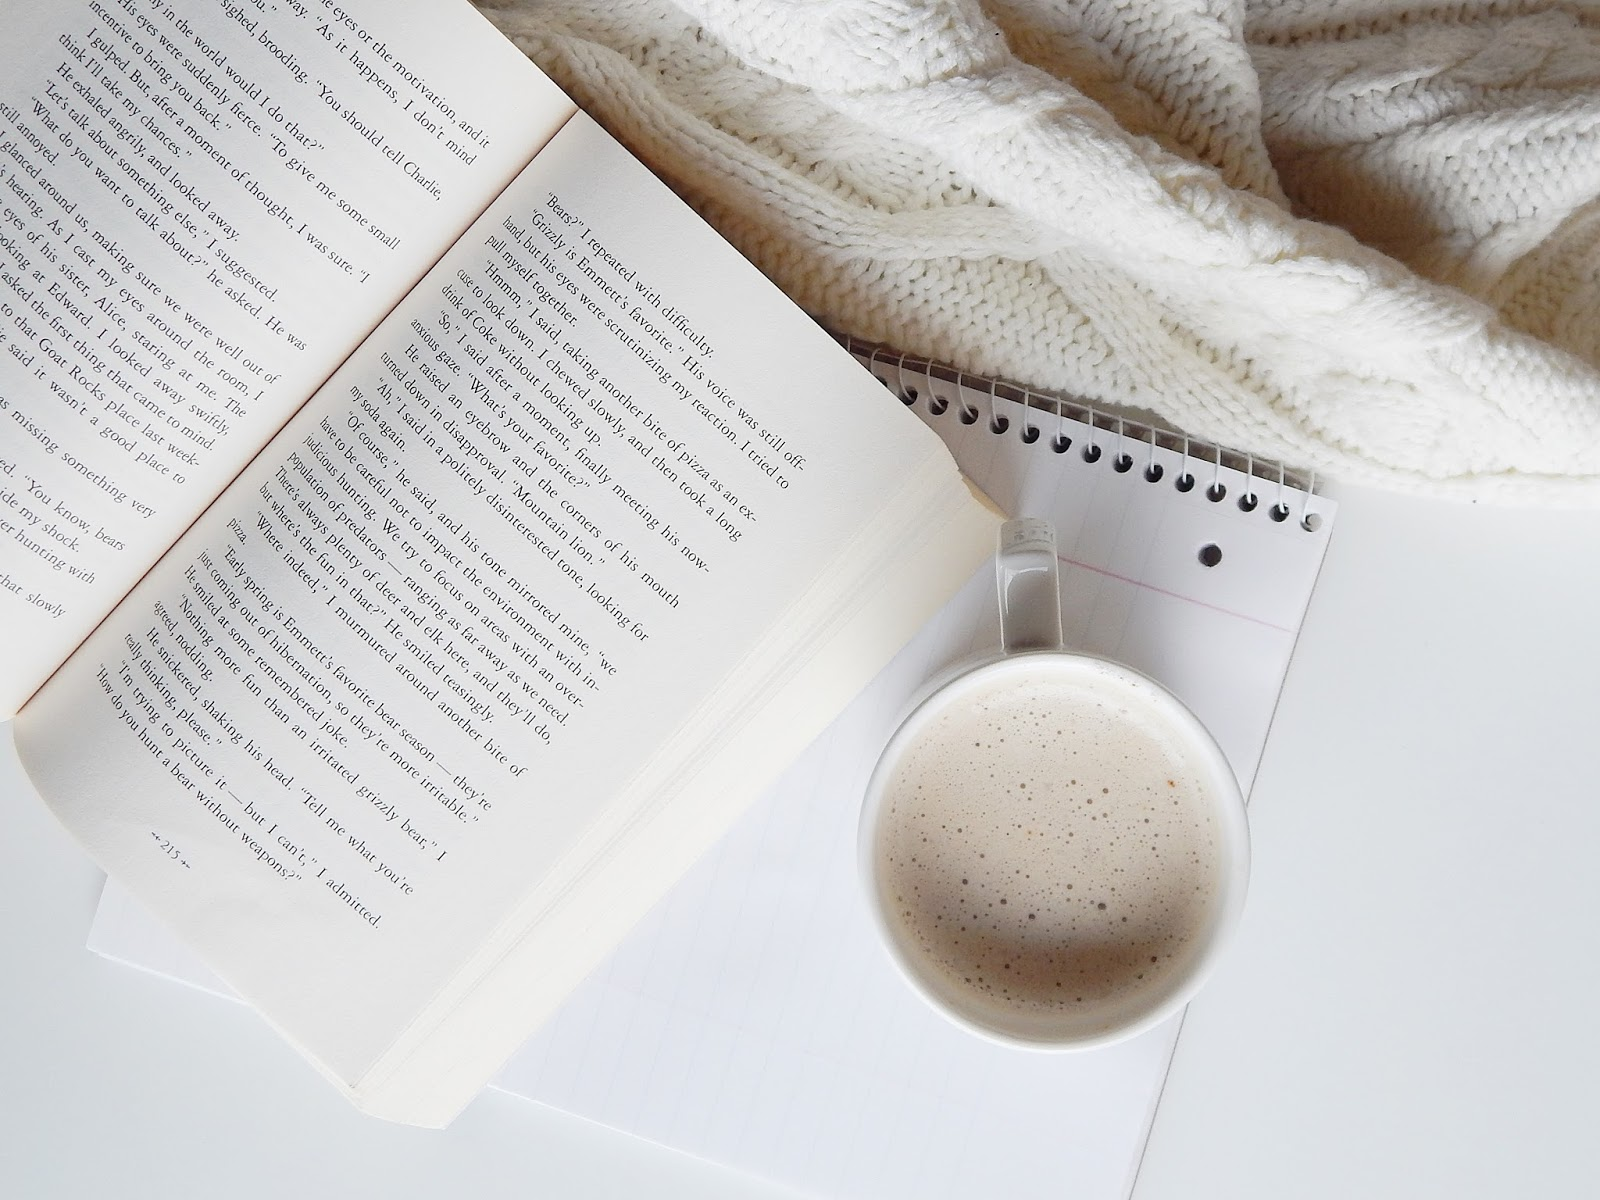 czytanie książek po angielsku